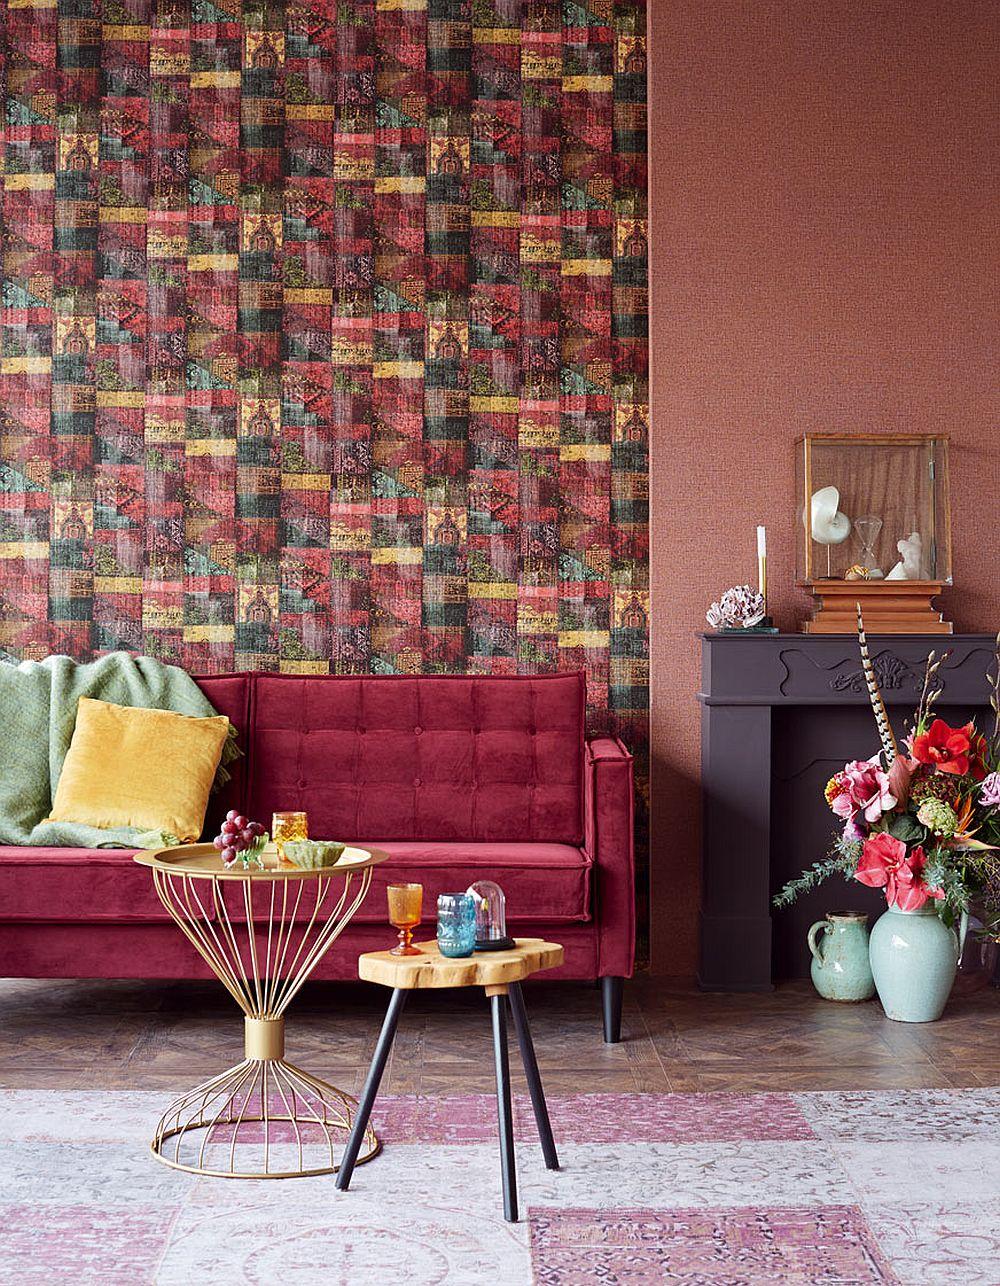 Modele deosebite de tapet care-ți transformă ambientul casei ...